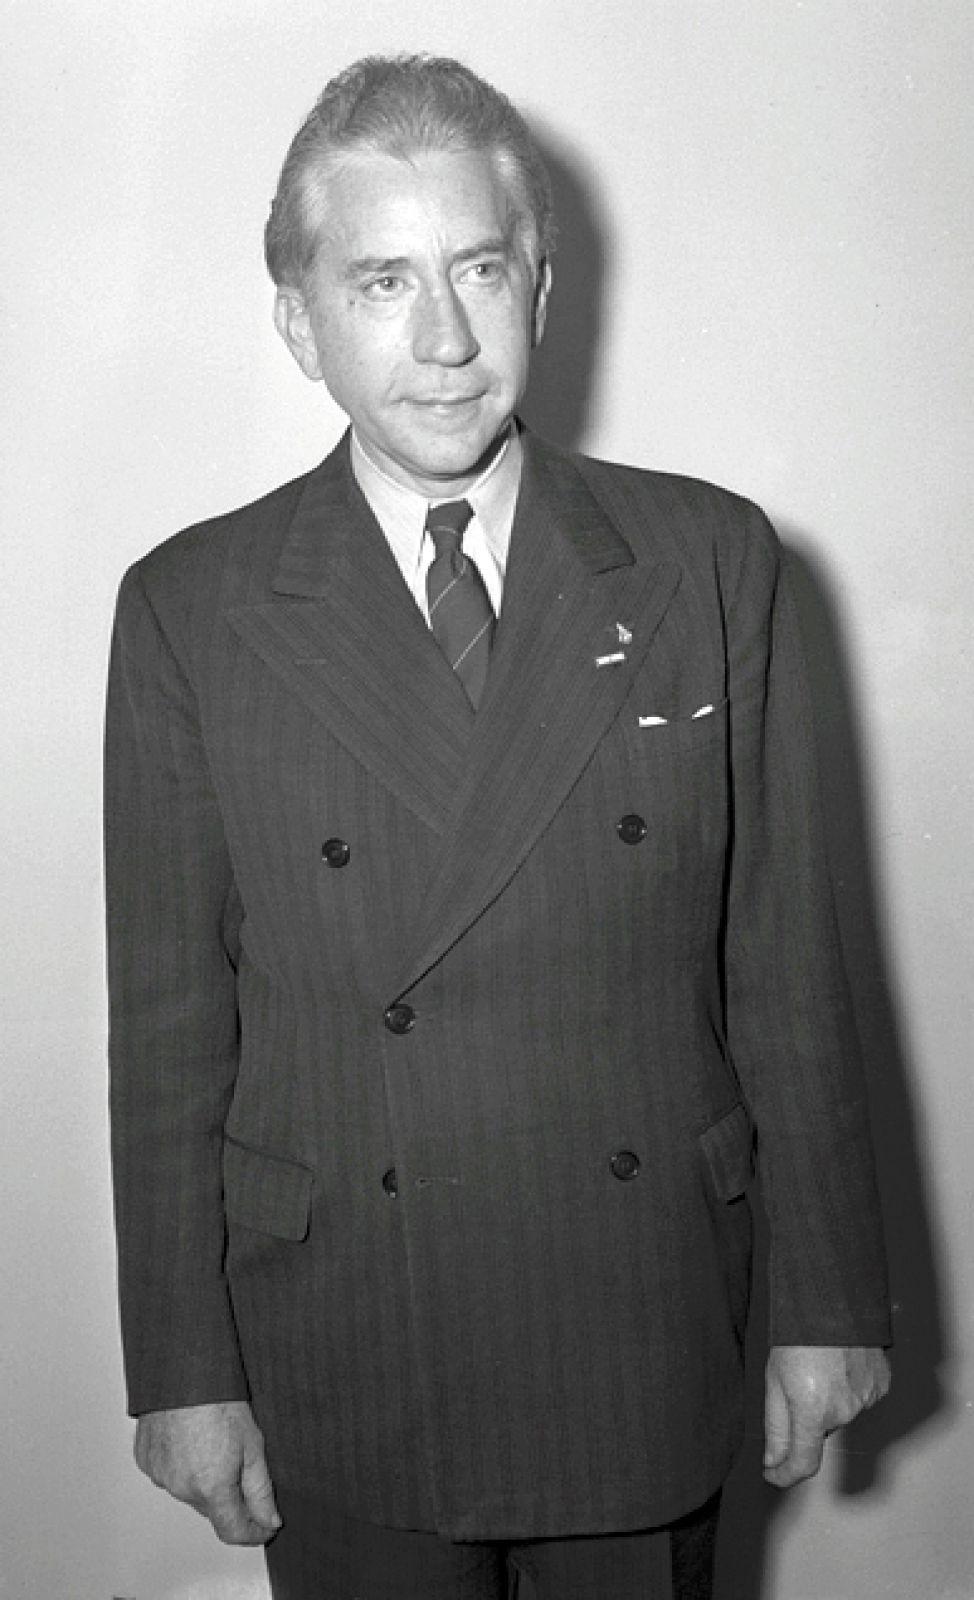 Джон Гетти в 1970-е годы считался самым богатым человеком на планете с состоянием в 4 миллиарда долларов США. Тем не менее, в загородном особняке он установил таксофоны для гостей, чтобы не платить за их разговоры. А в 1973 году отказался выкупить похищенного внука.